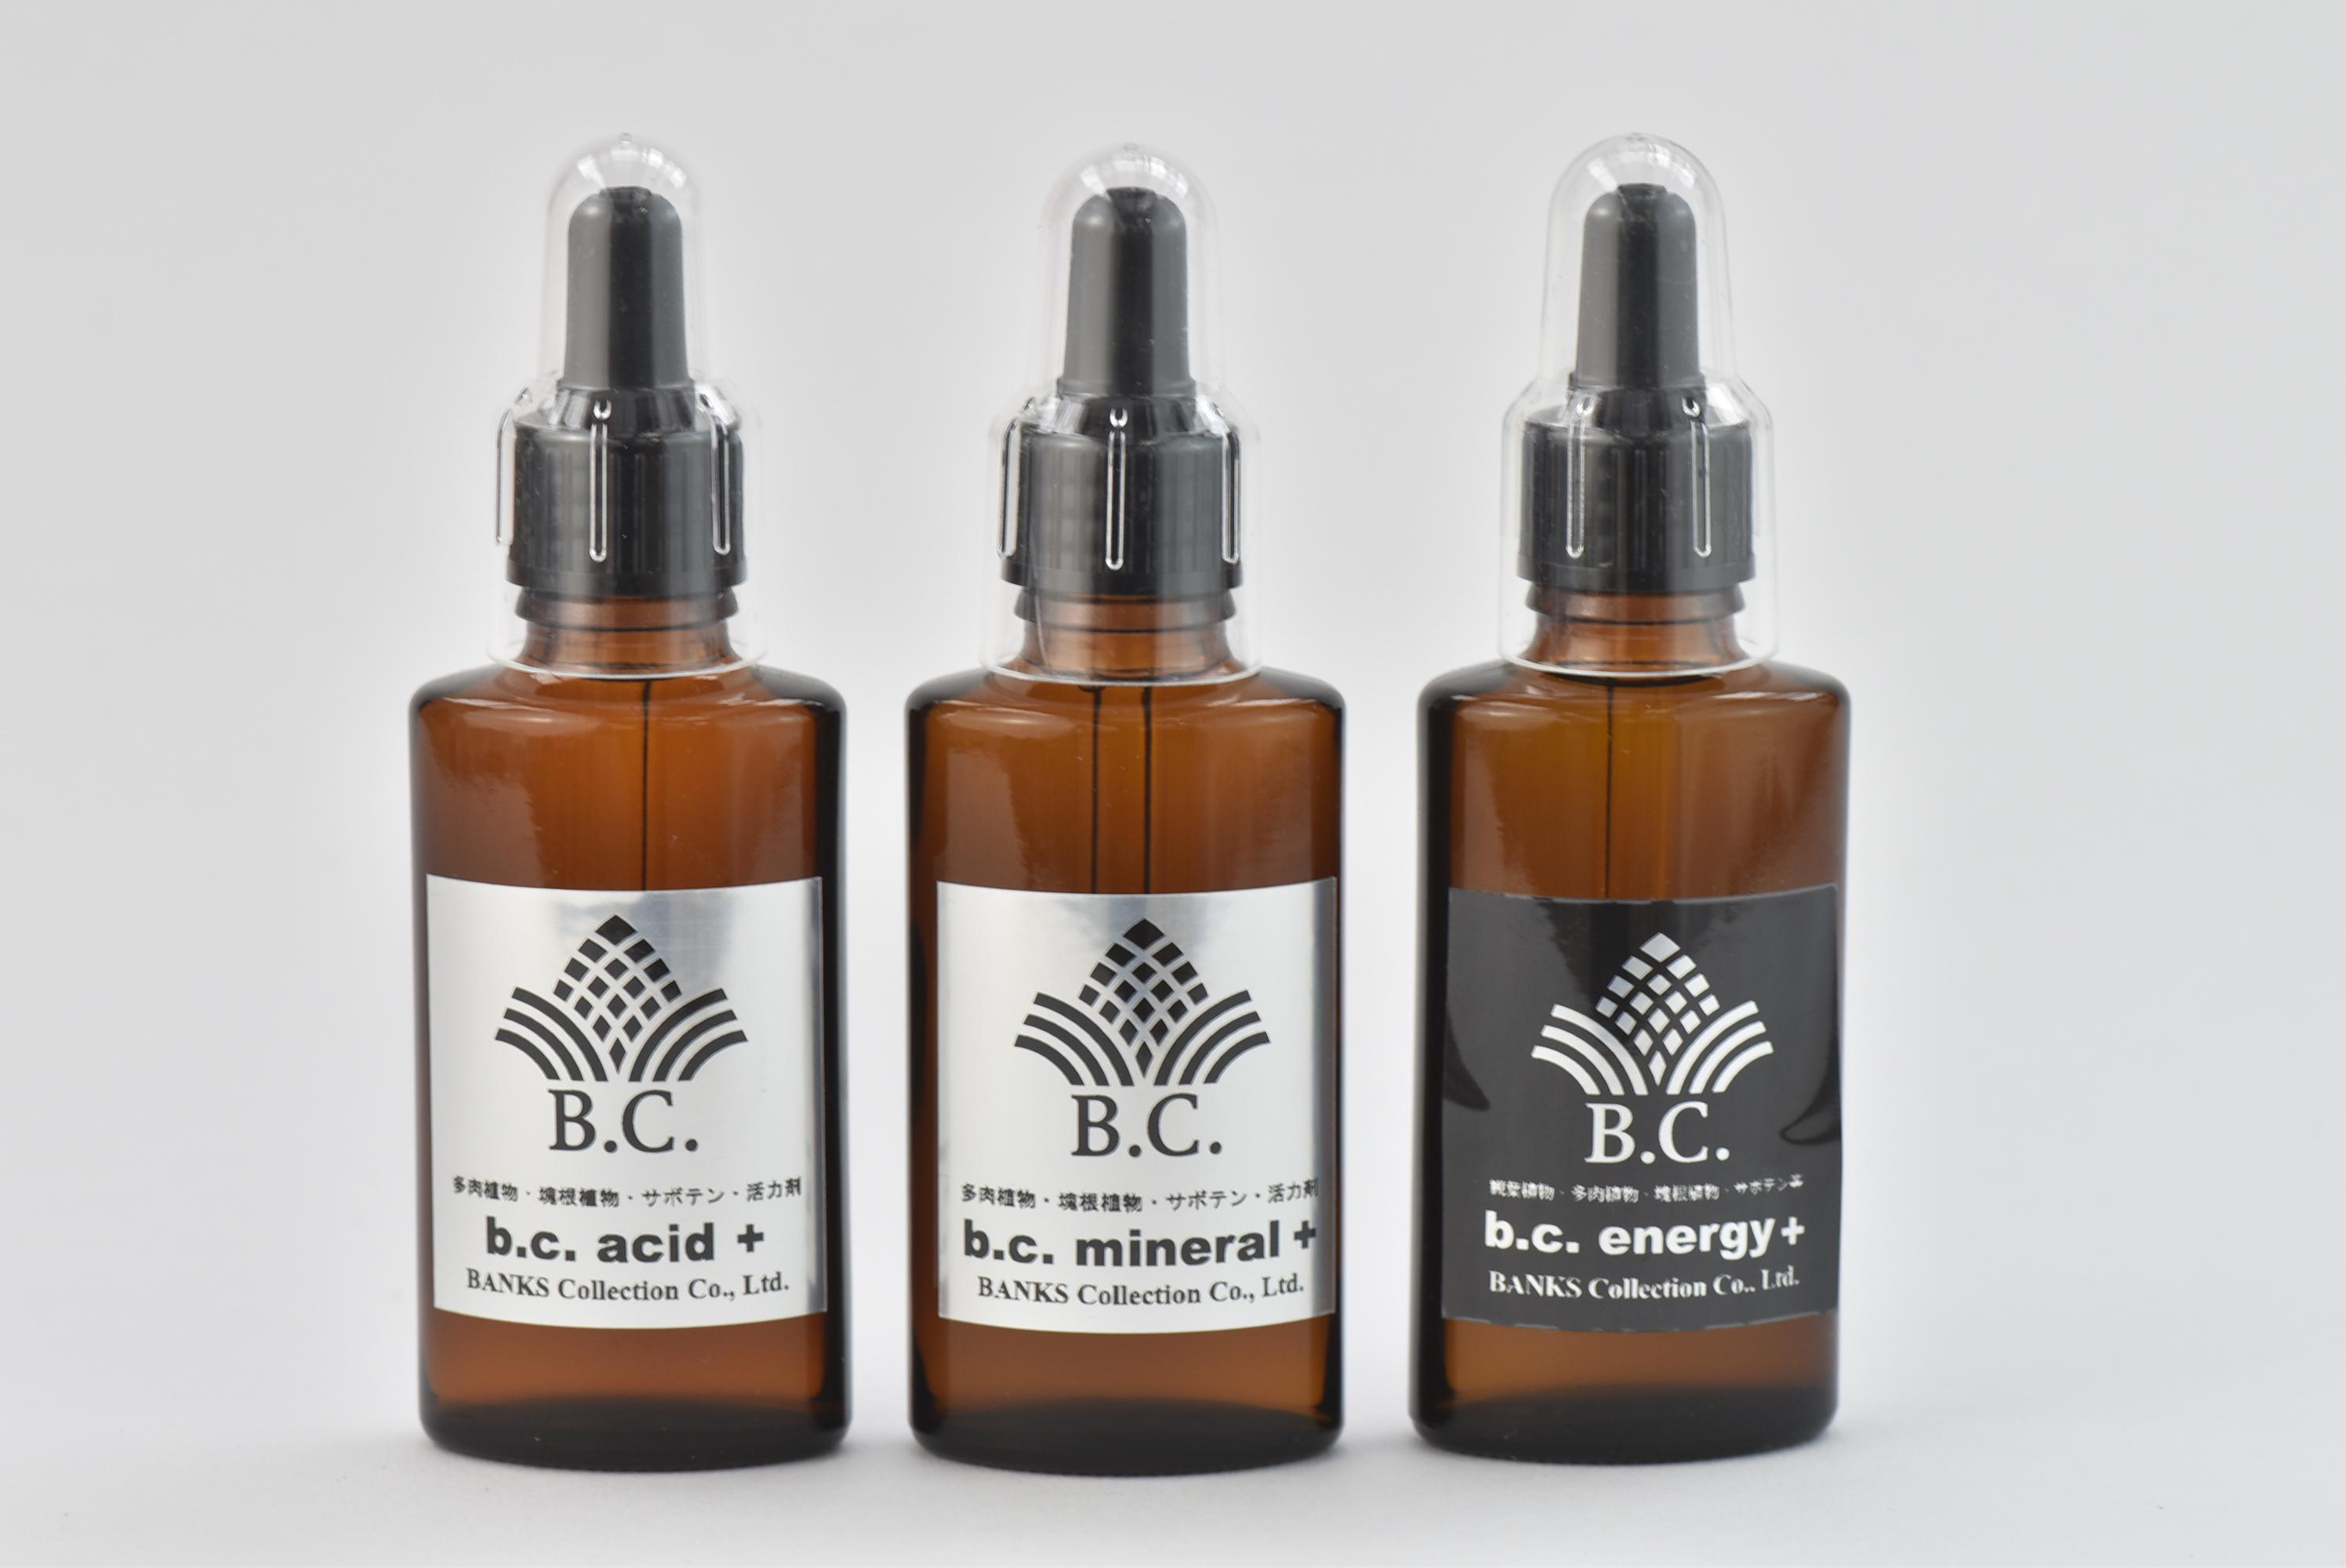 b.c.活力剤(b.c. acid+, b.c. mineral+, b.c. energy+)容量30ml、各1本計3本セット